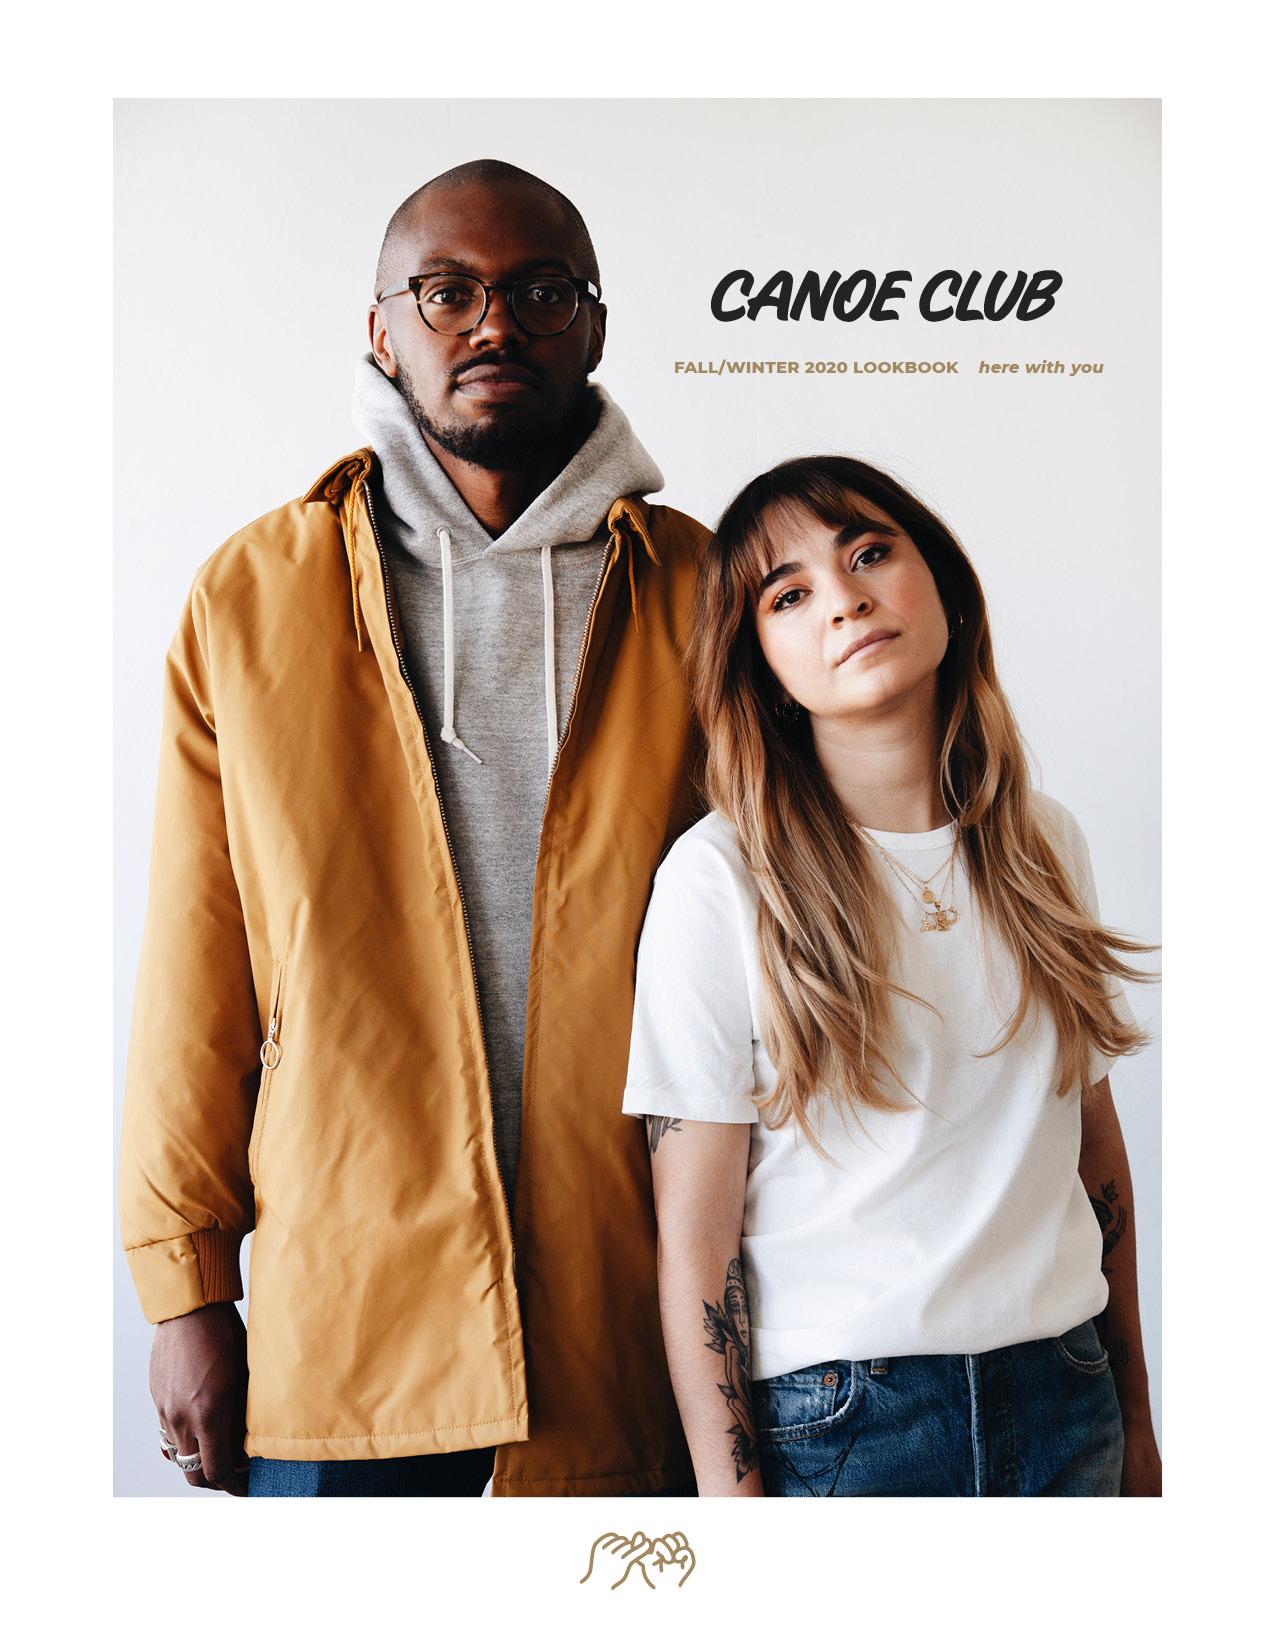 canoe club fall/winter 2020 lookbook